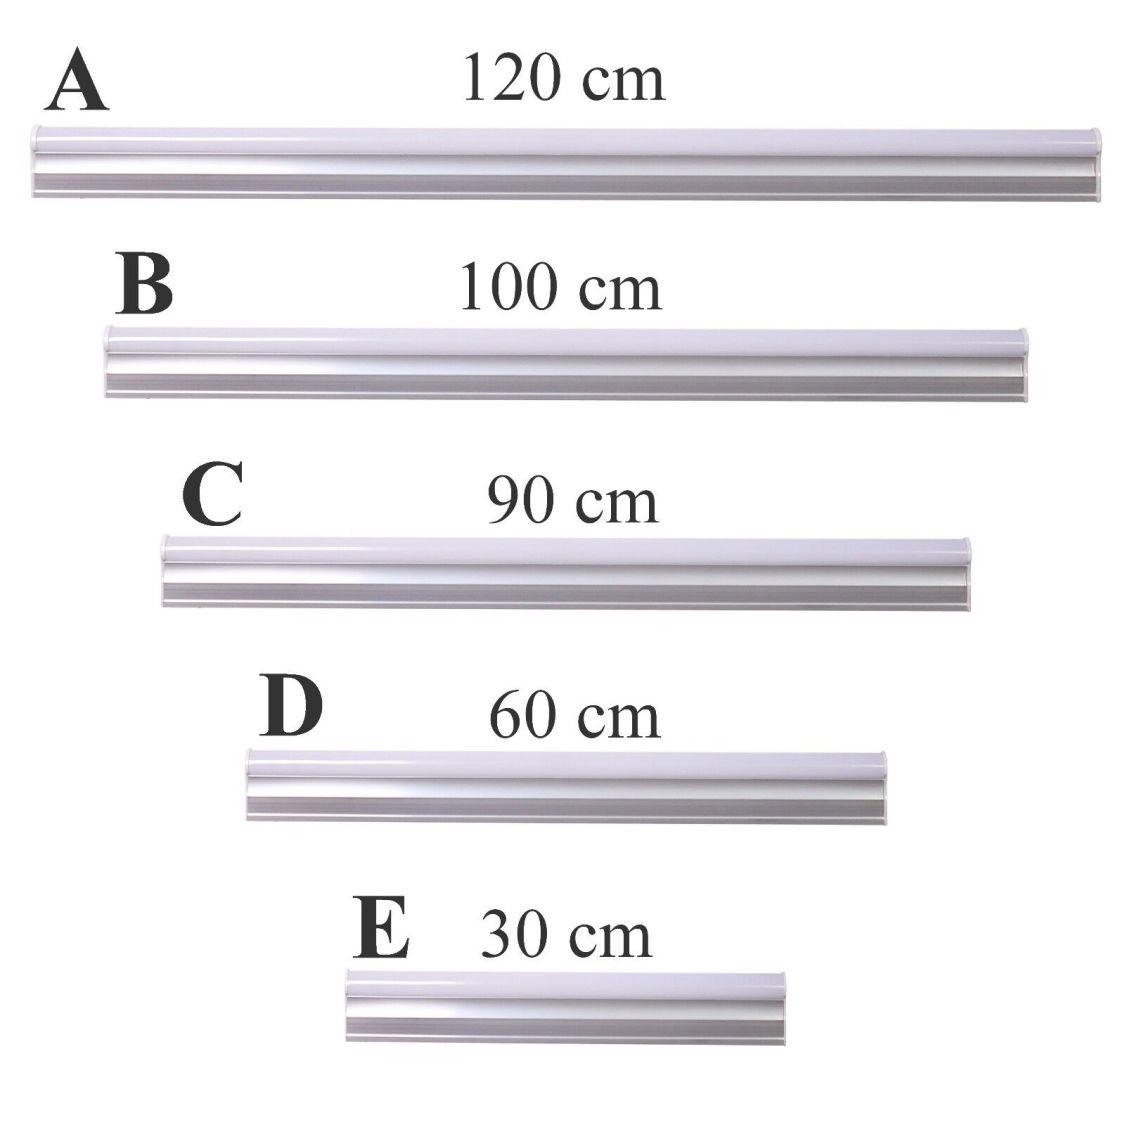 T5 LED Leuchtstofflampe Tube Röhrenleuchte Leuchtstoffröhre wählbar 30 - 120 cm